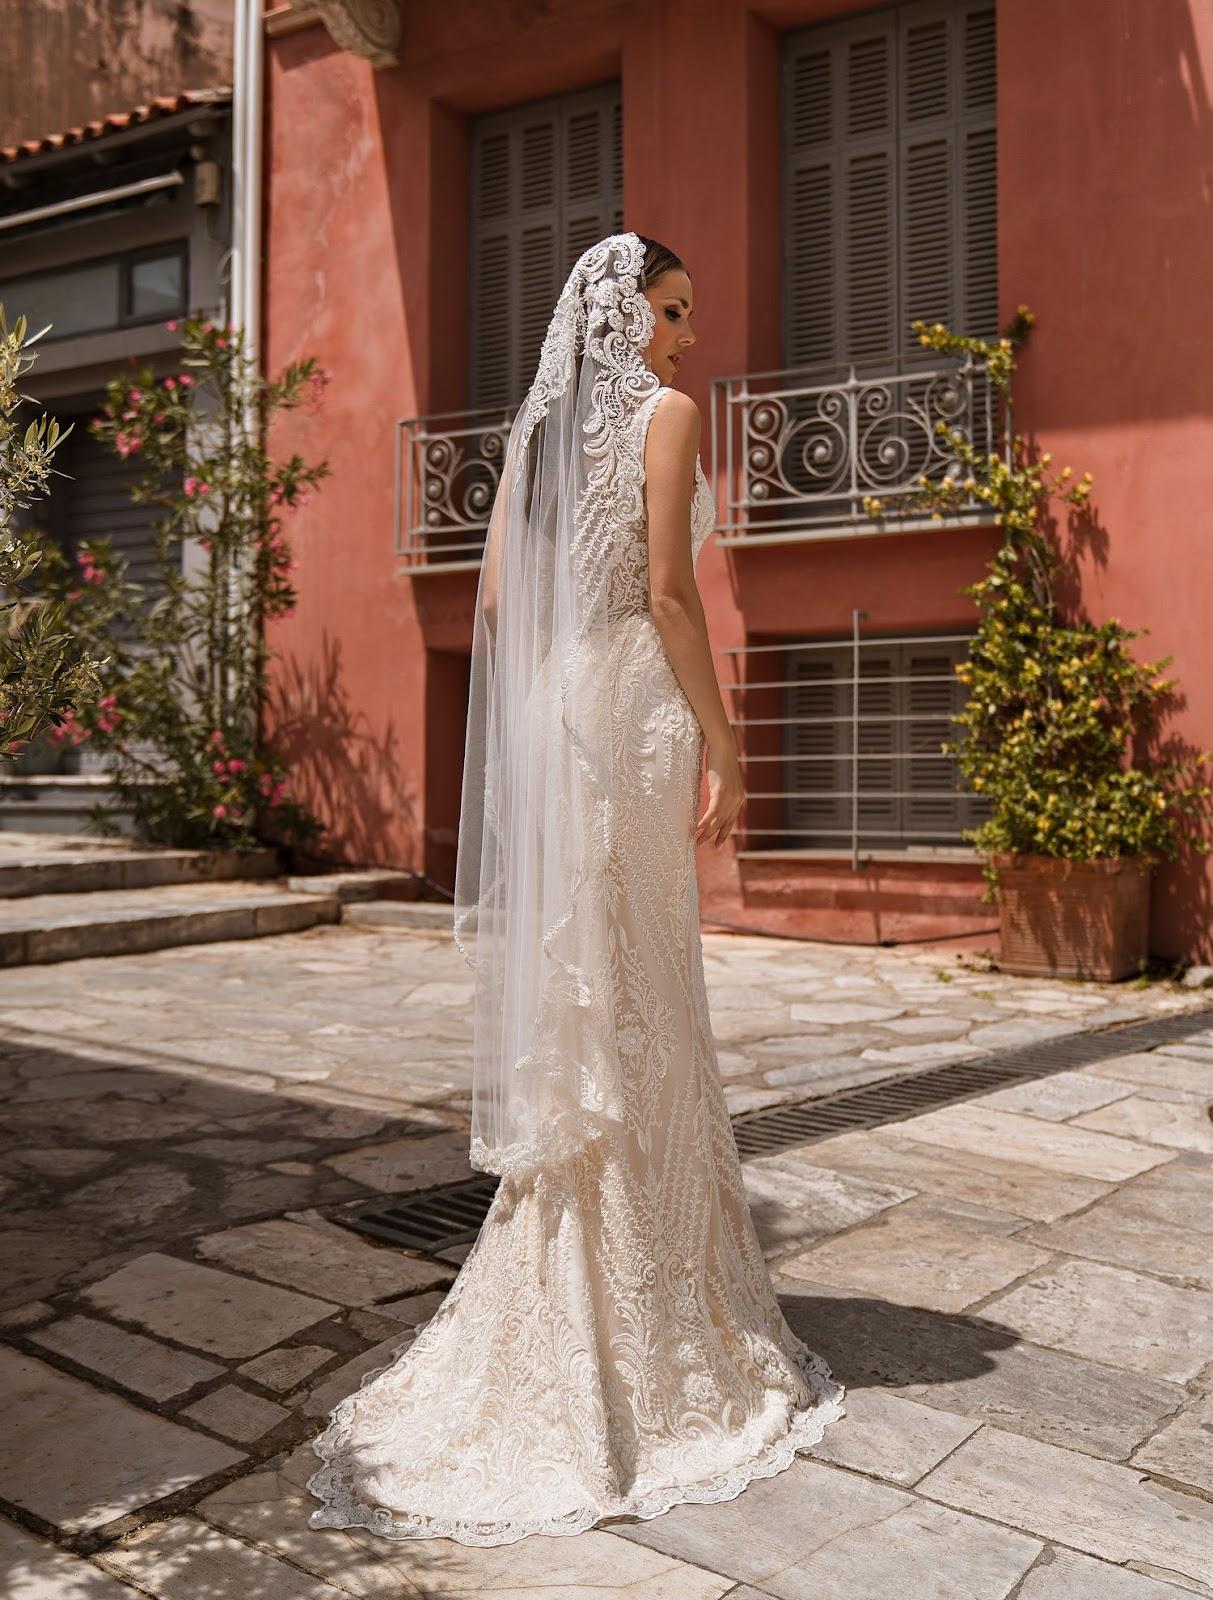 Мереживна весільна сукня з фатою